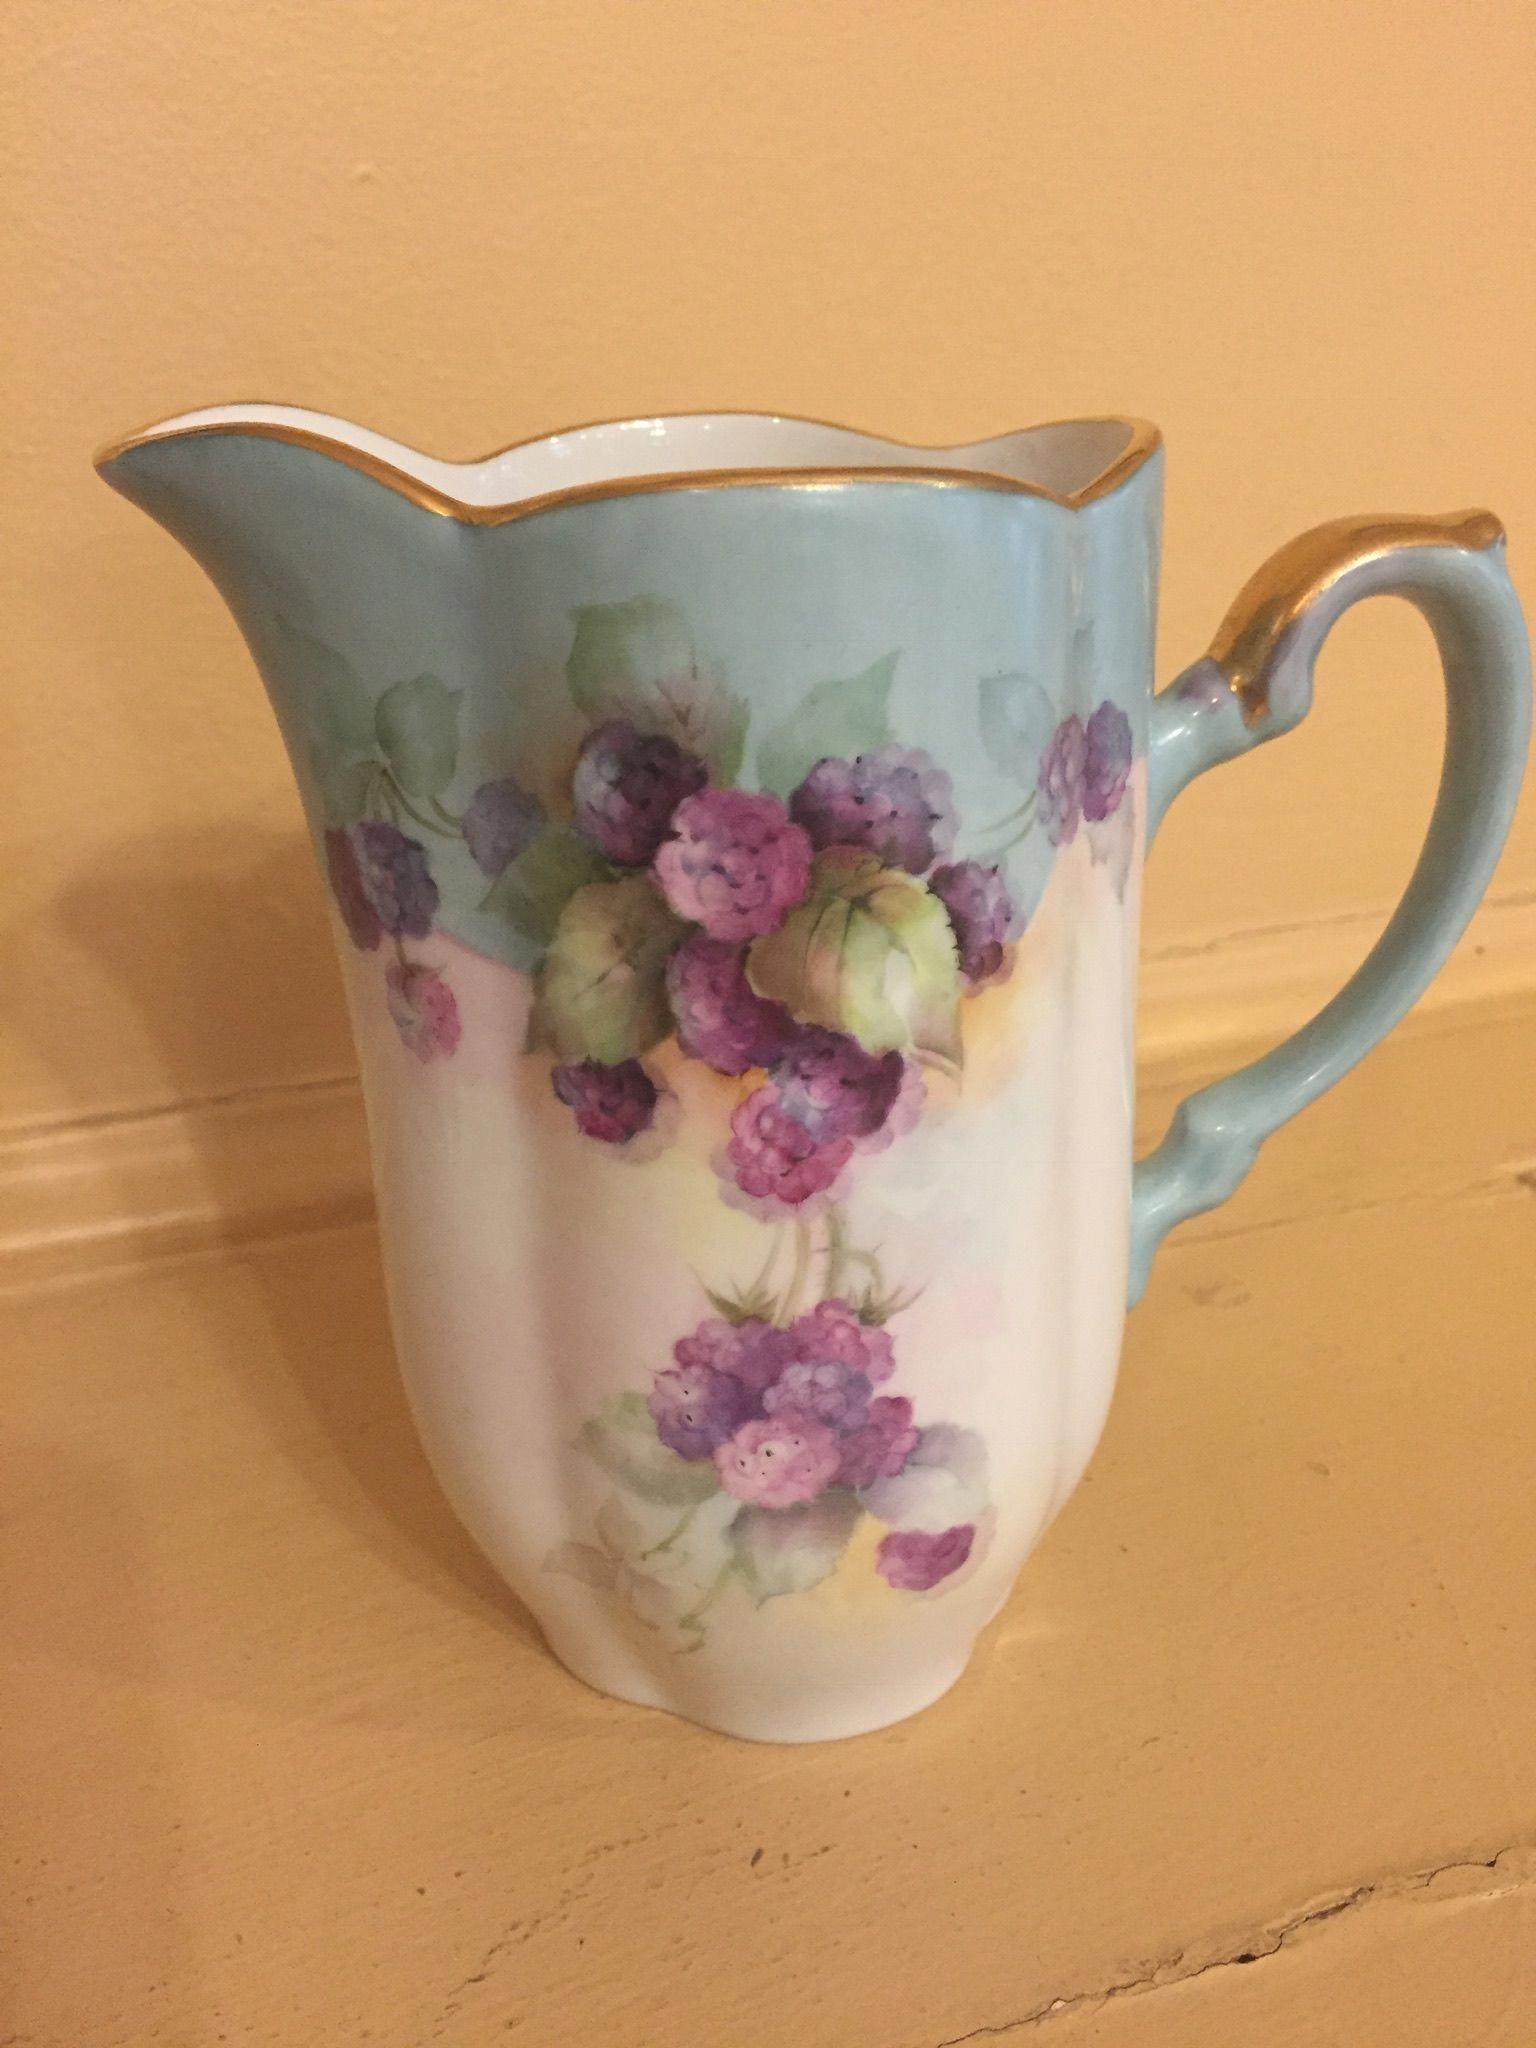 China Porcelain Manufacturers Uk Porcelainchinafigurines Key 6838229283 Porcelain Painting